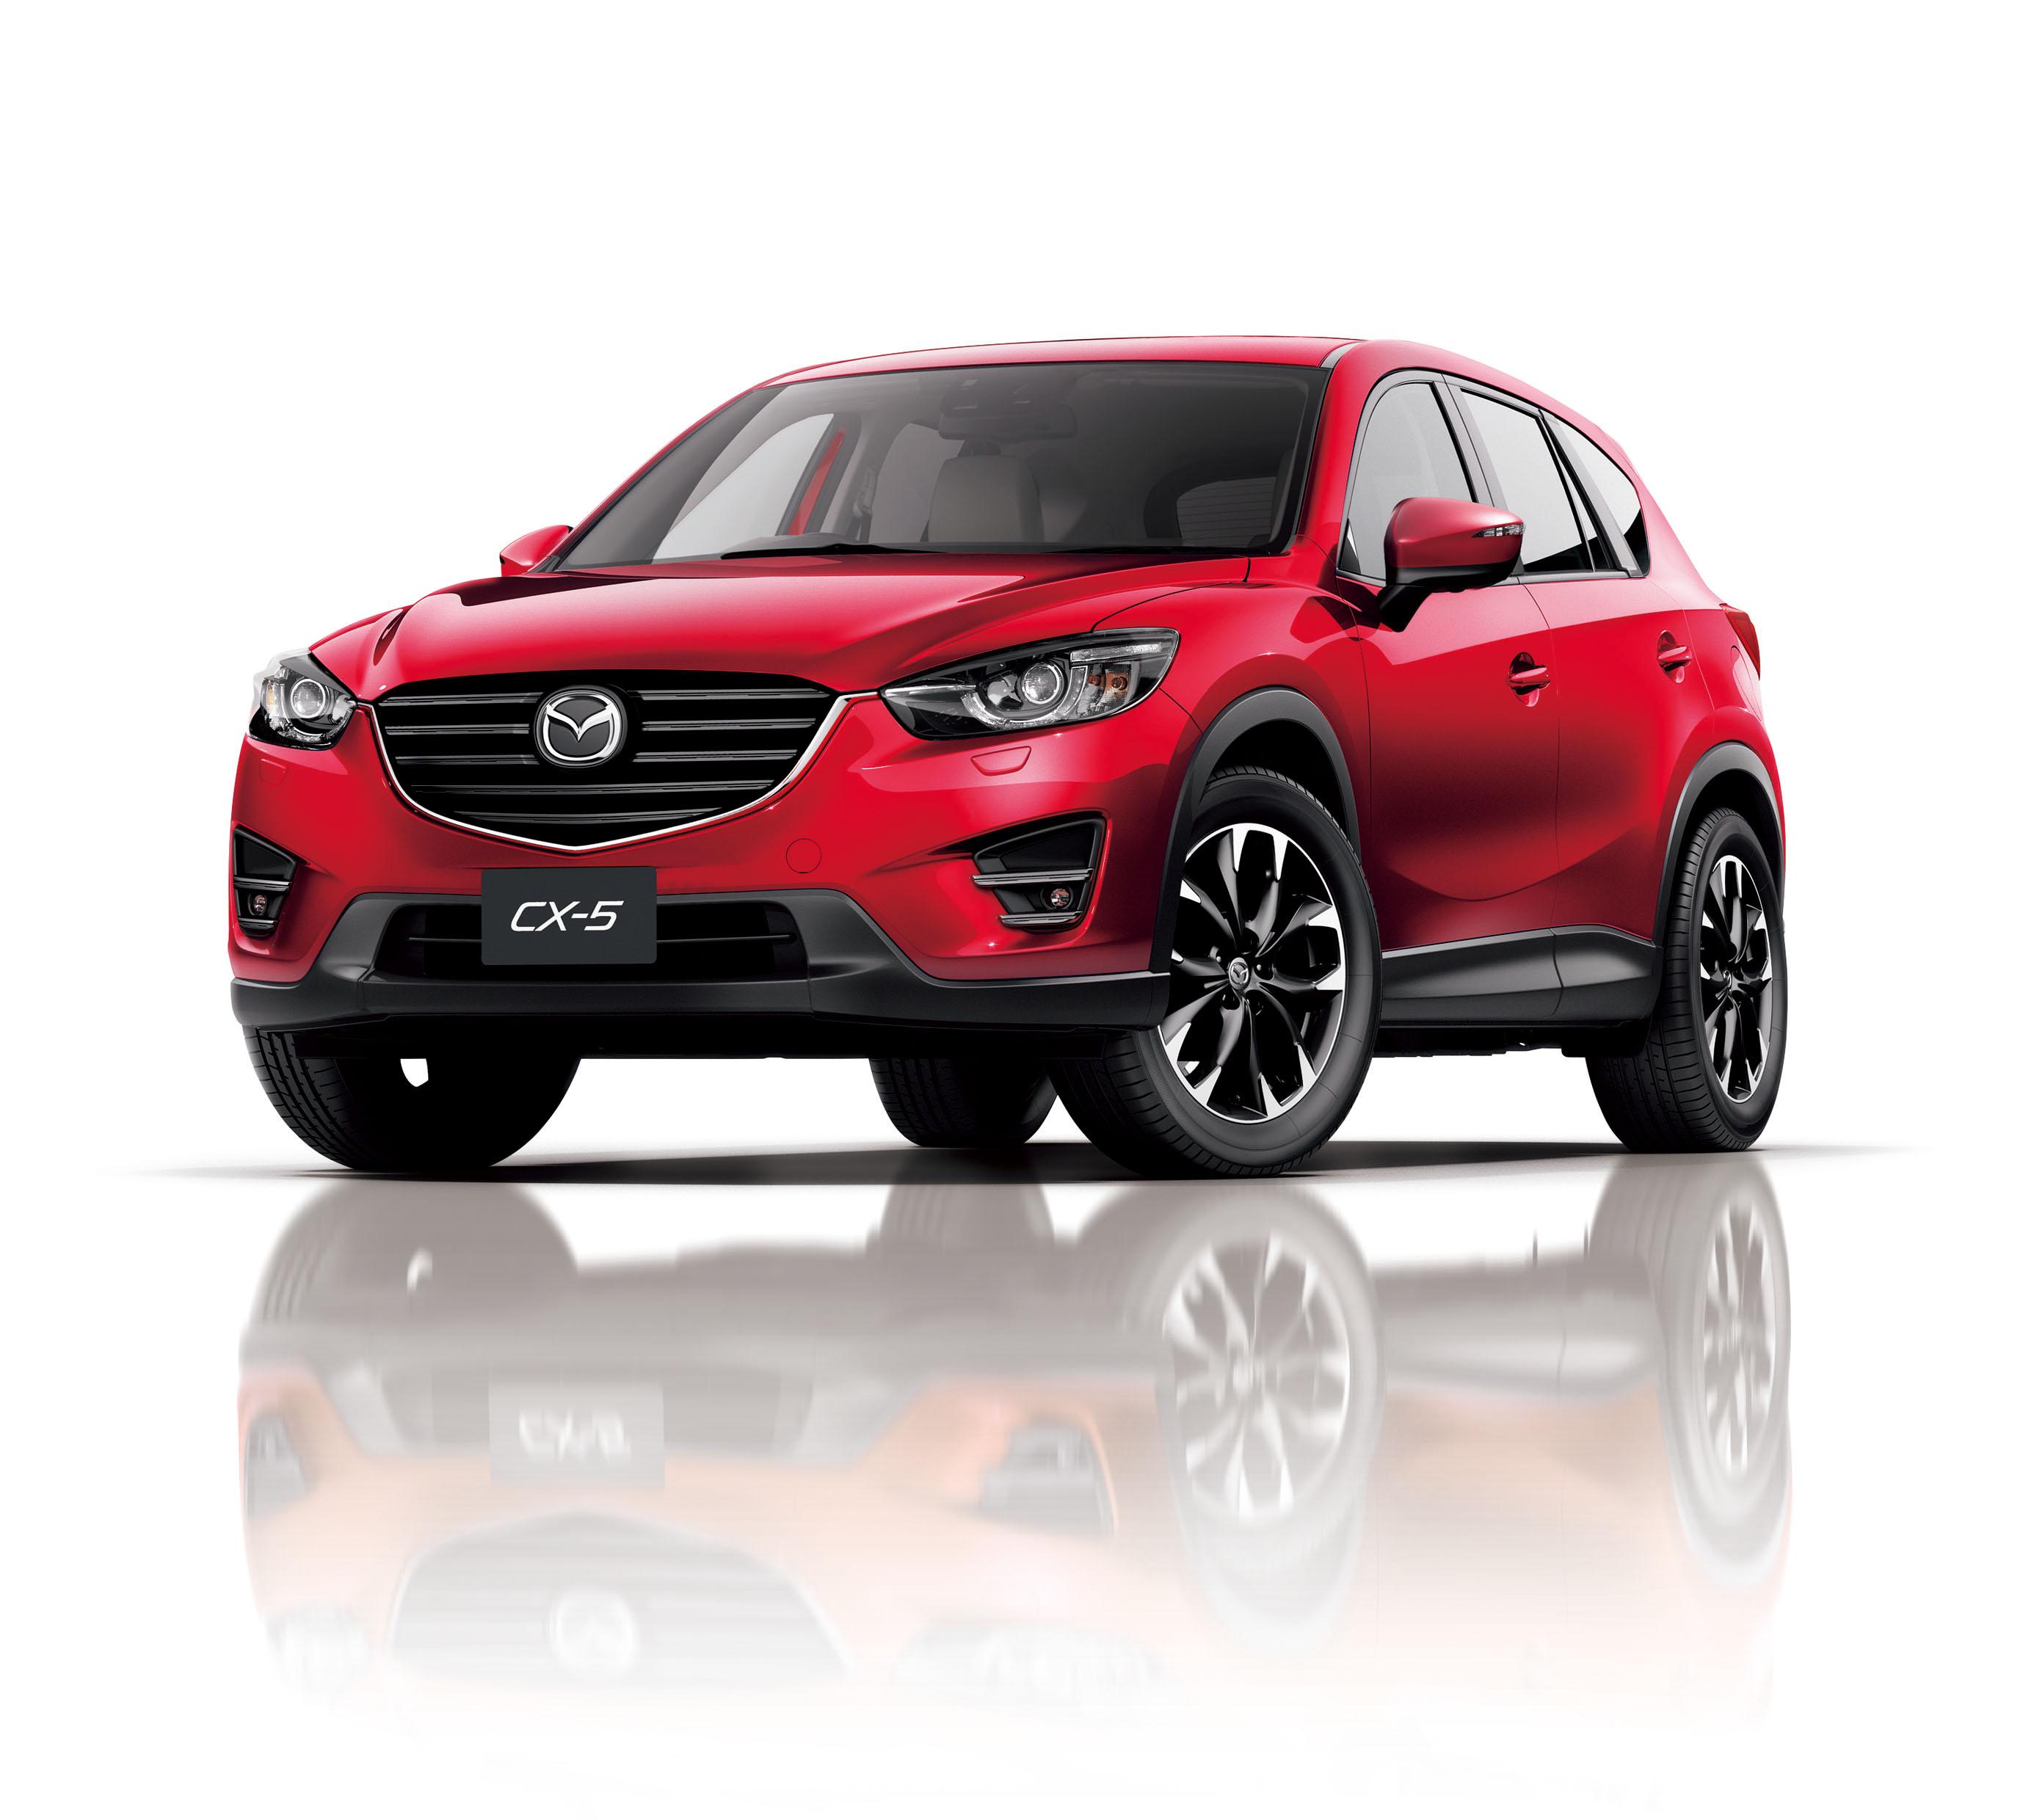 Producția Mazda CX-5 a depășit un milion de unități